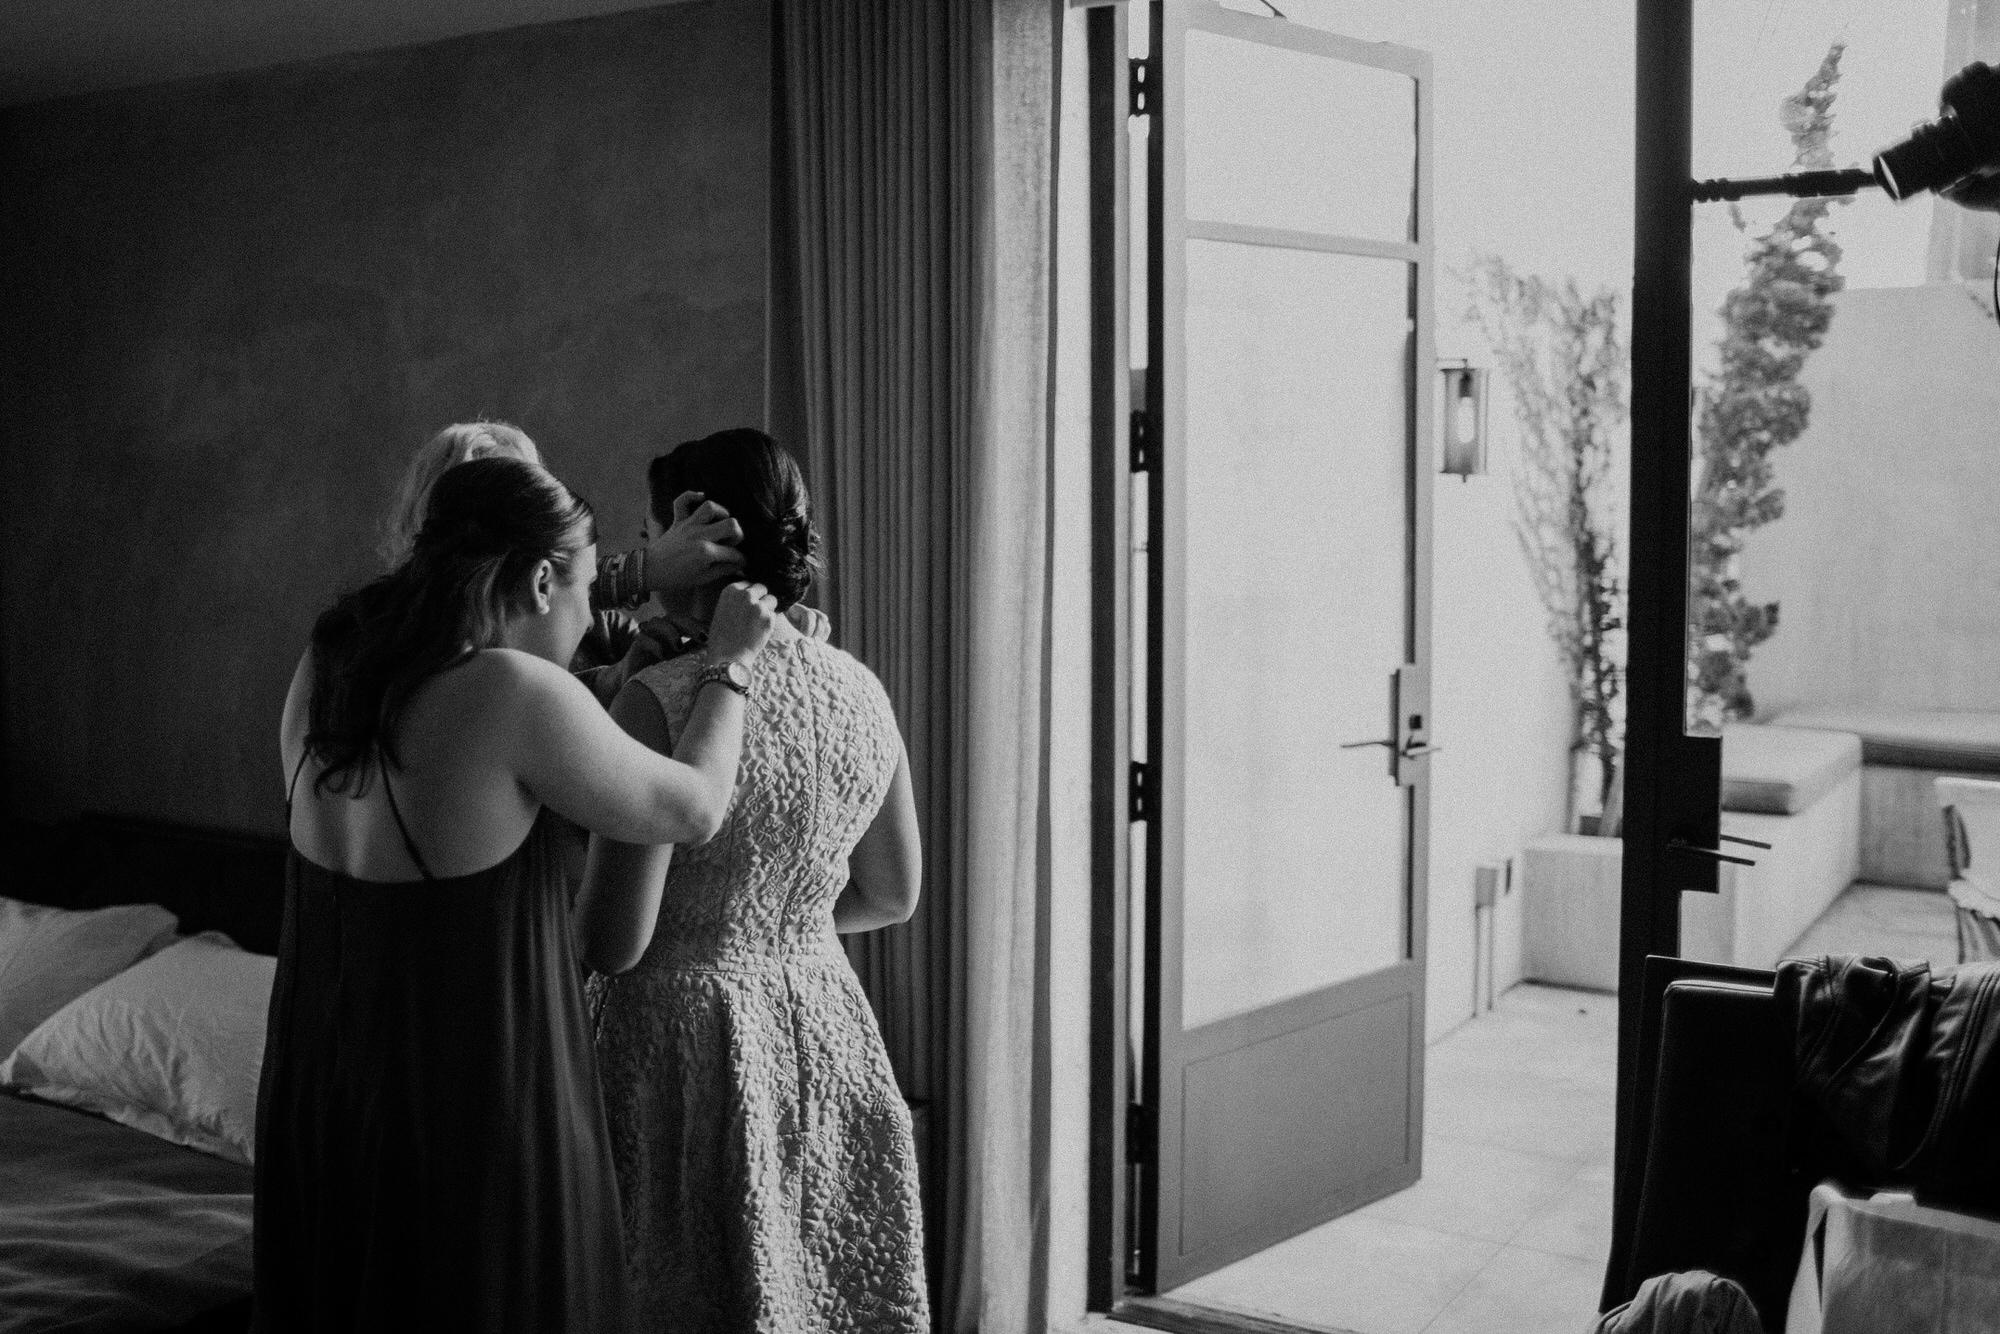 sasha putting on her wedding dress